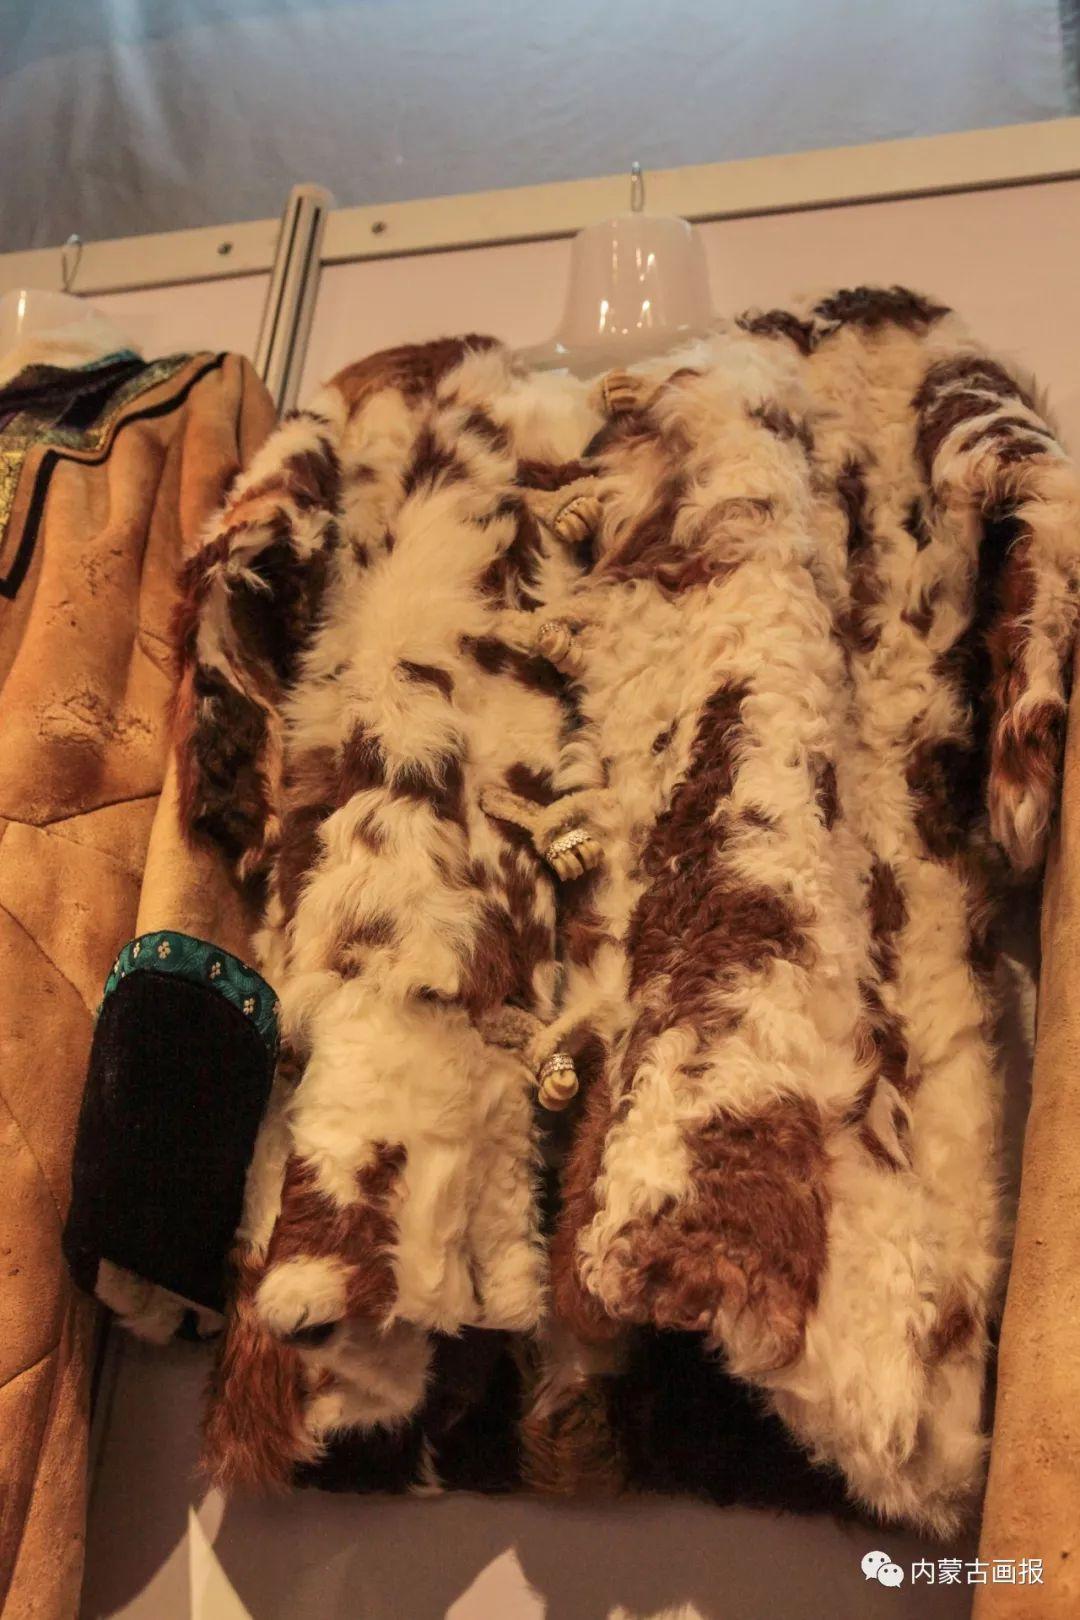 寒冷冬日,蒙古族是这样防寒的! 第5张 寒冷冬日,蒙古族是这样防寒的! 蒙古服饰